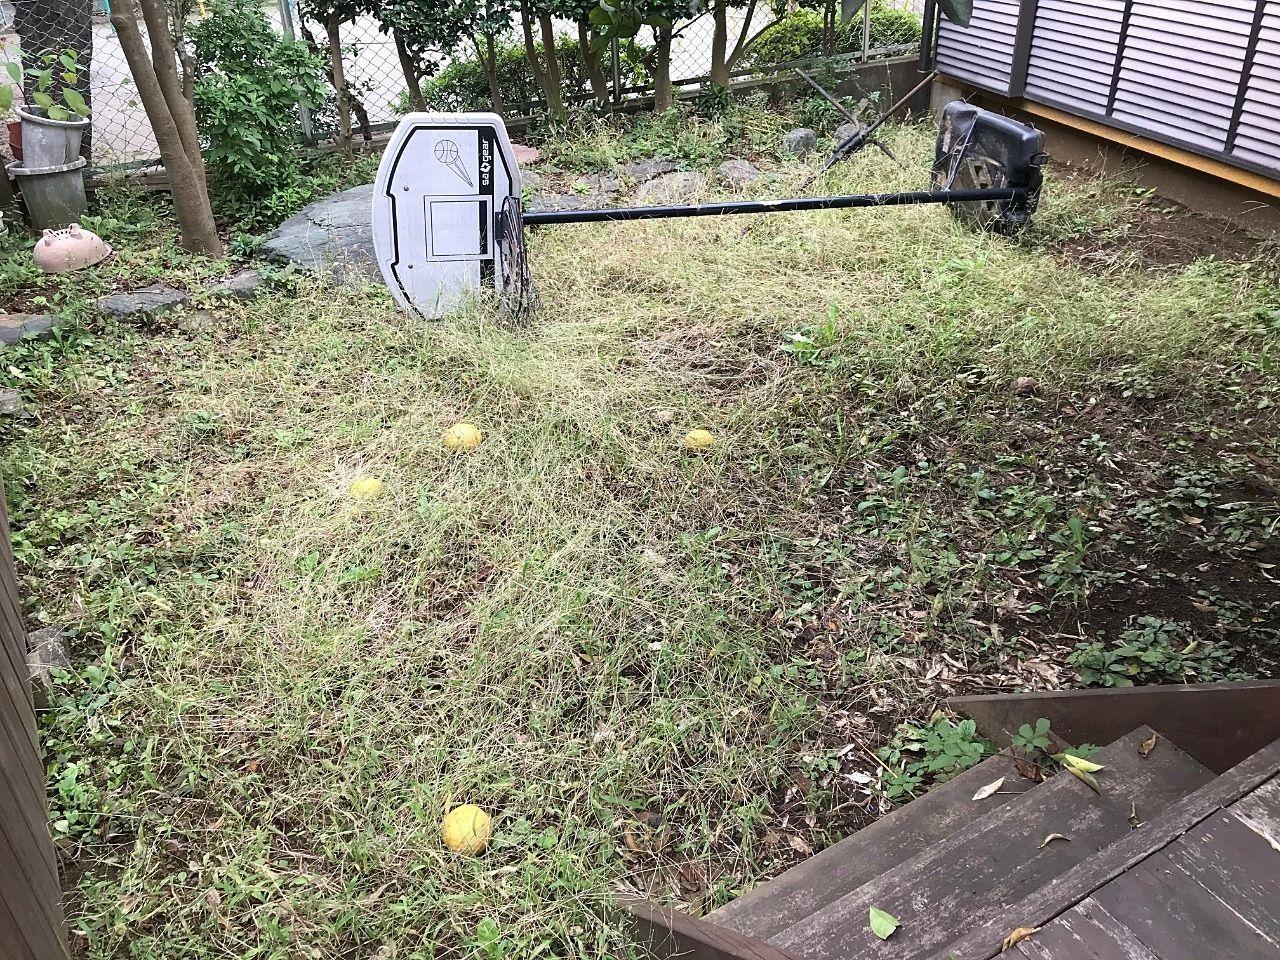 夏に草刈をしたそうですがあっという間に伸びてしまいますね。柏市内のお宅ですが、この辺りなら出張いたします。